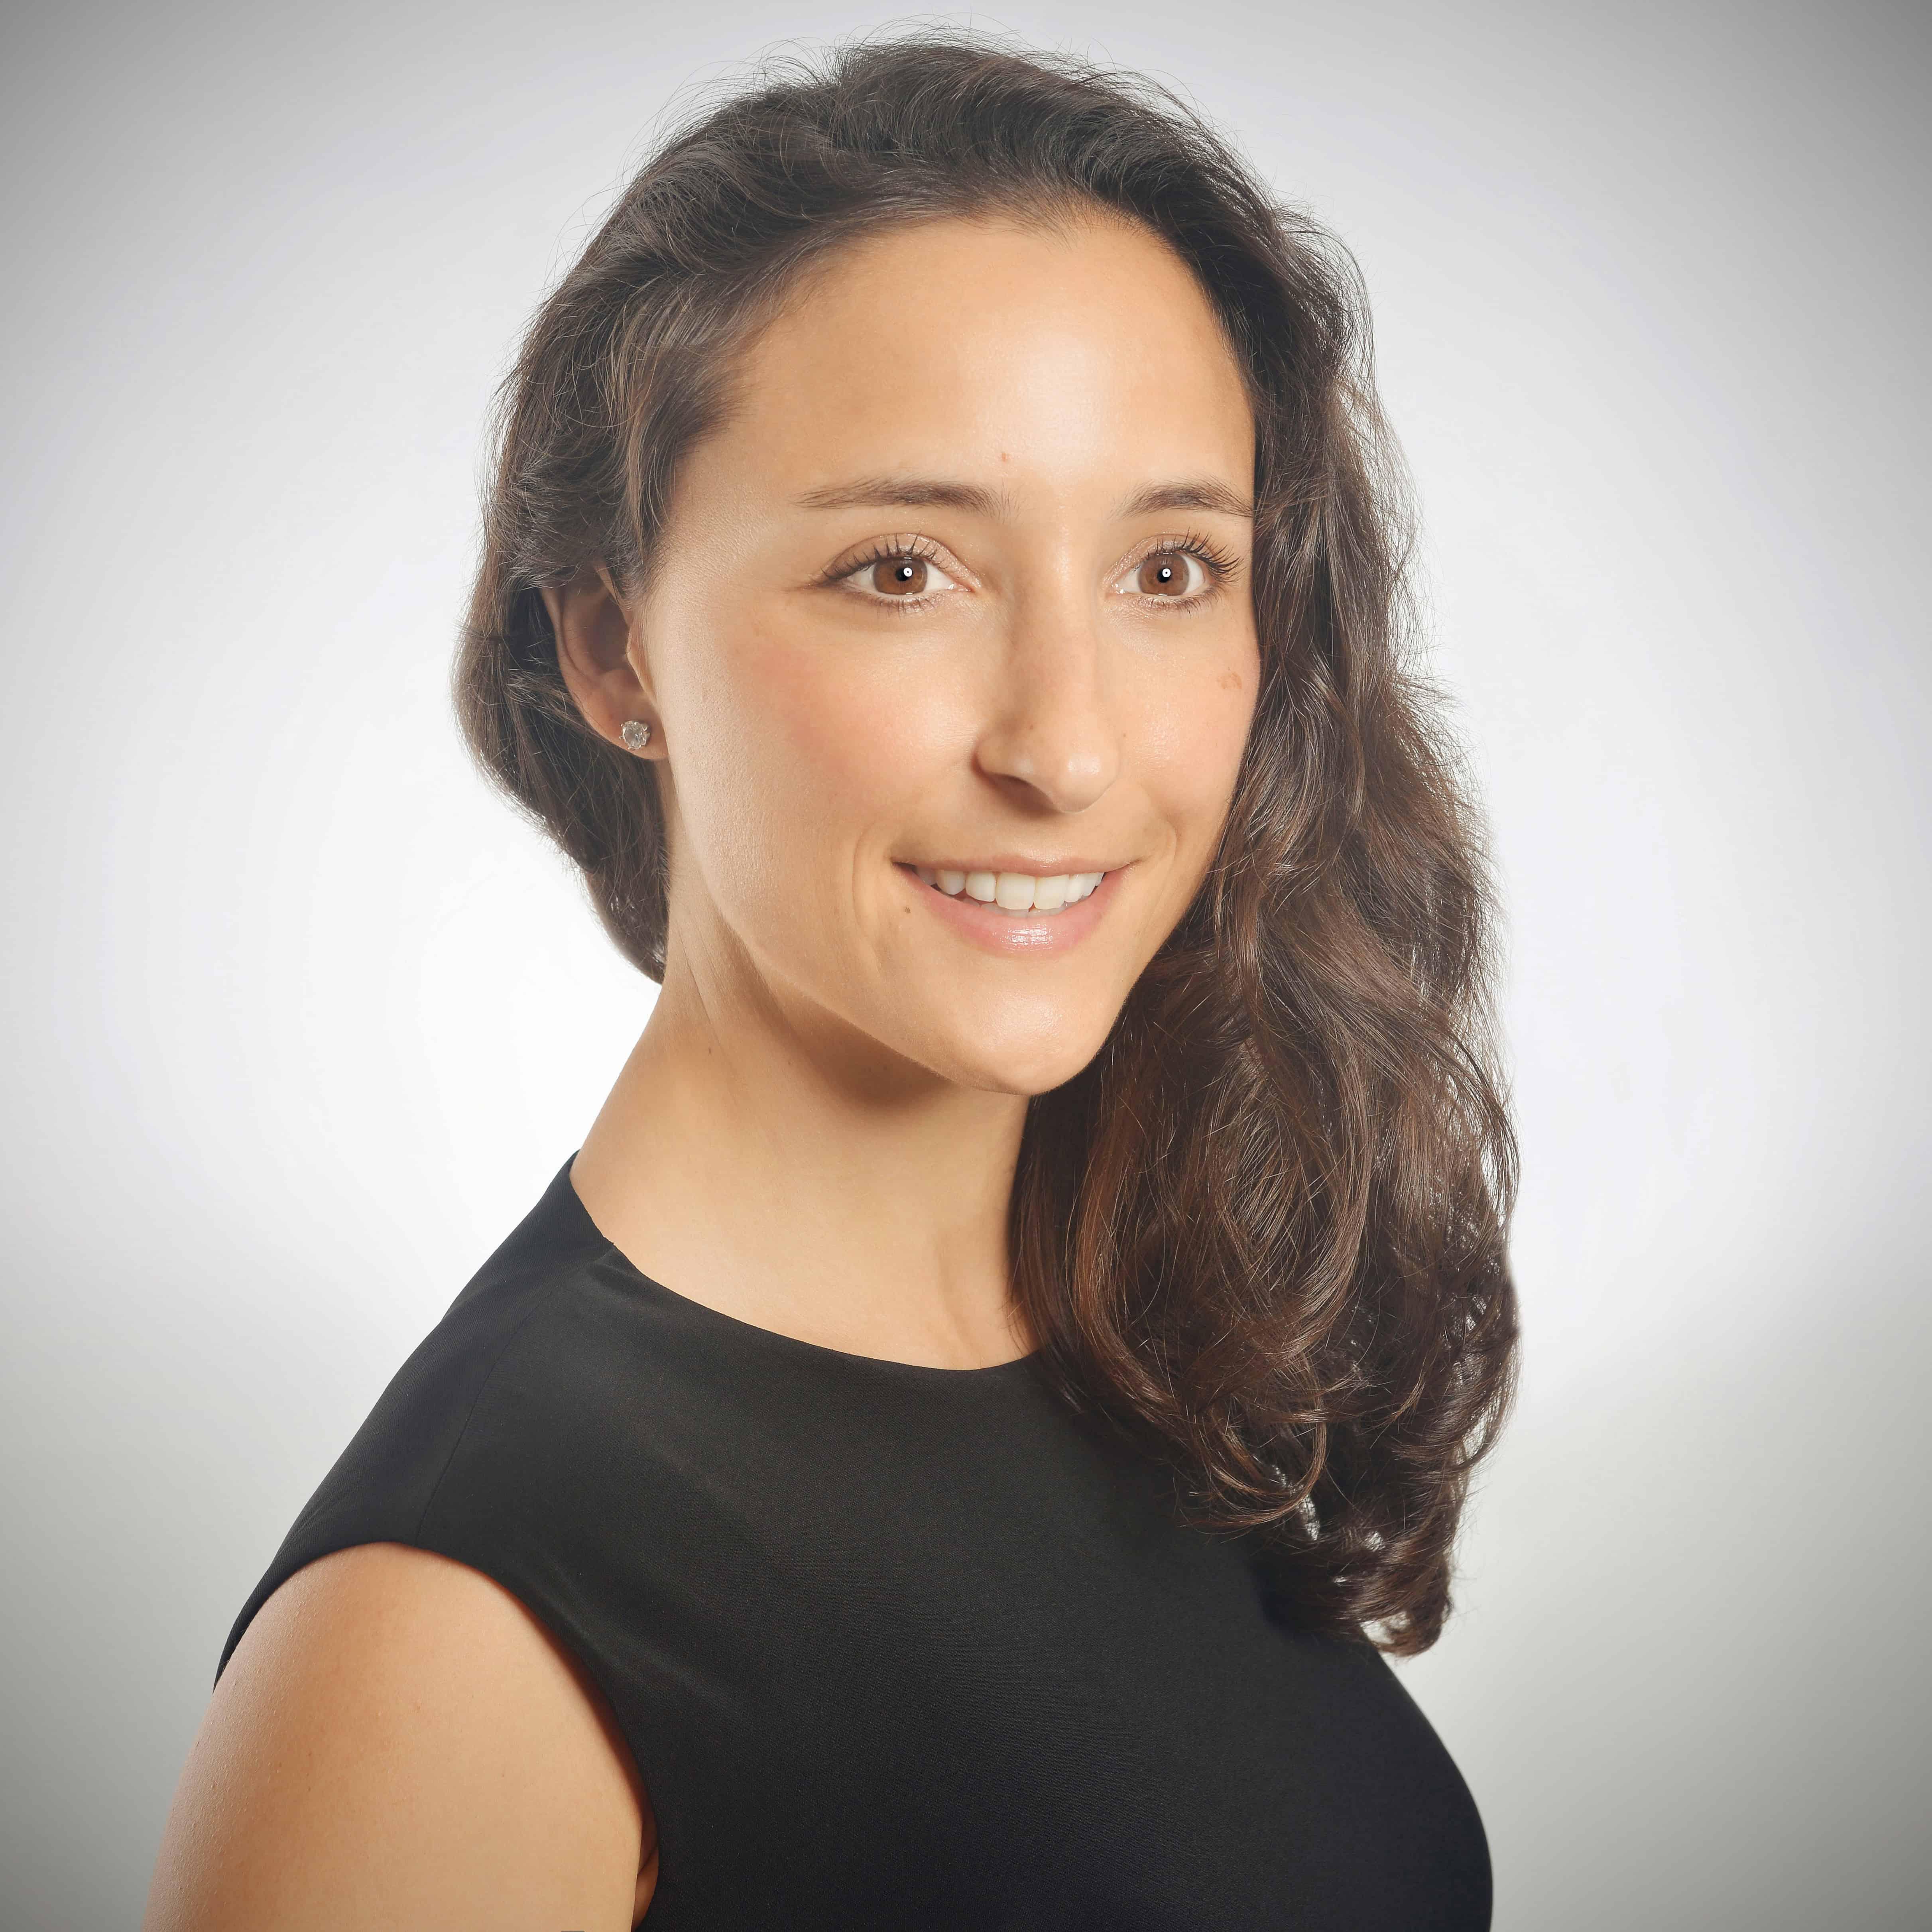 Katelyn Chapman